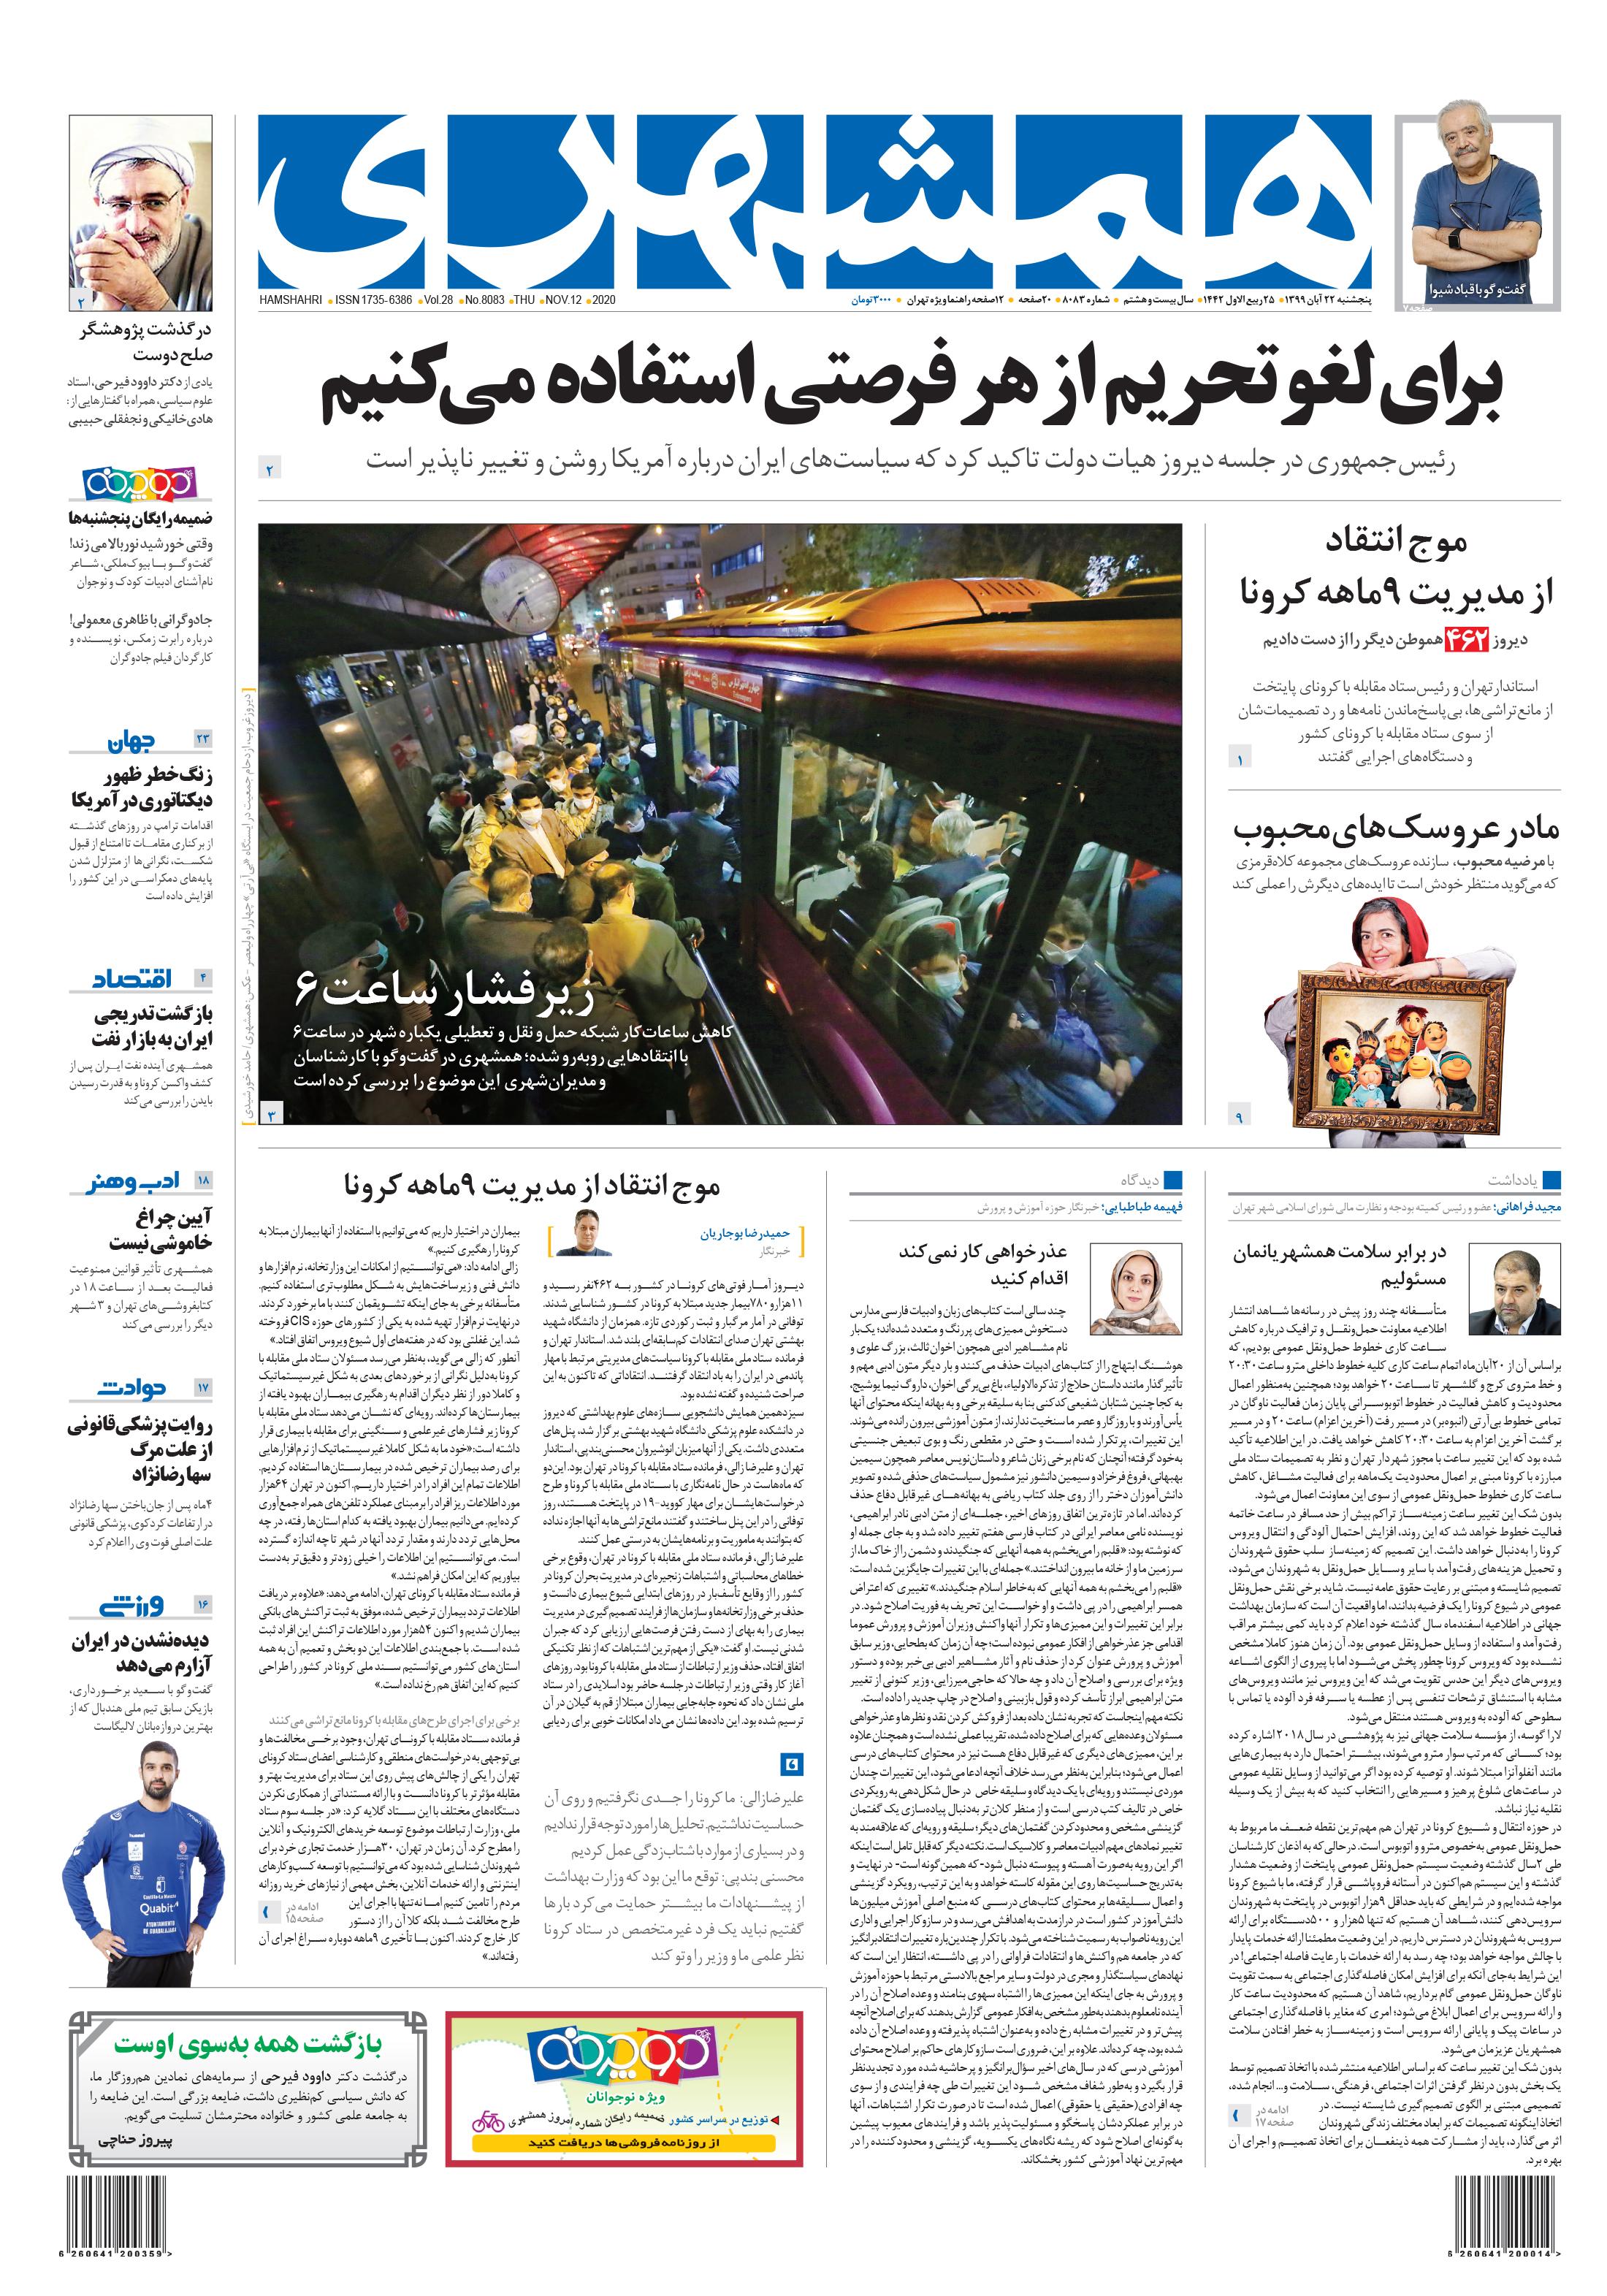 صفحه اول پنجشنبه 22 آبان 1399